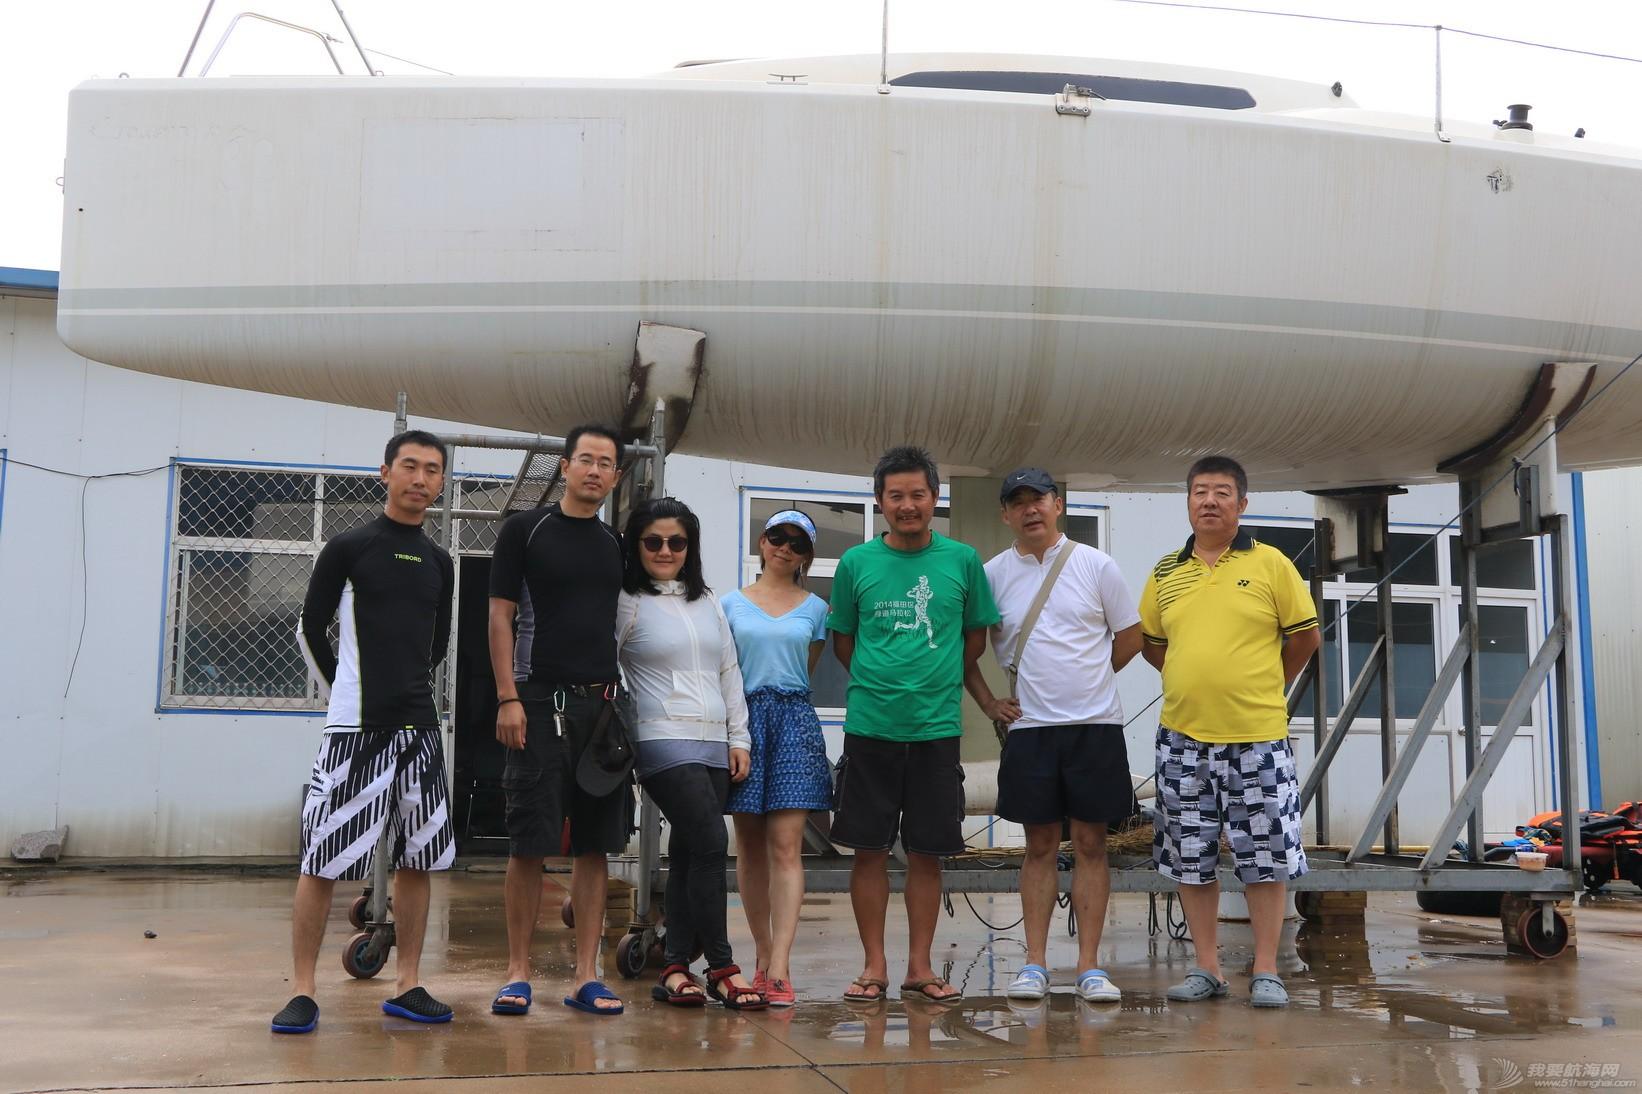 帆船 35期帆船航海体验之作业 IMG_6909_调整大小.JPG